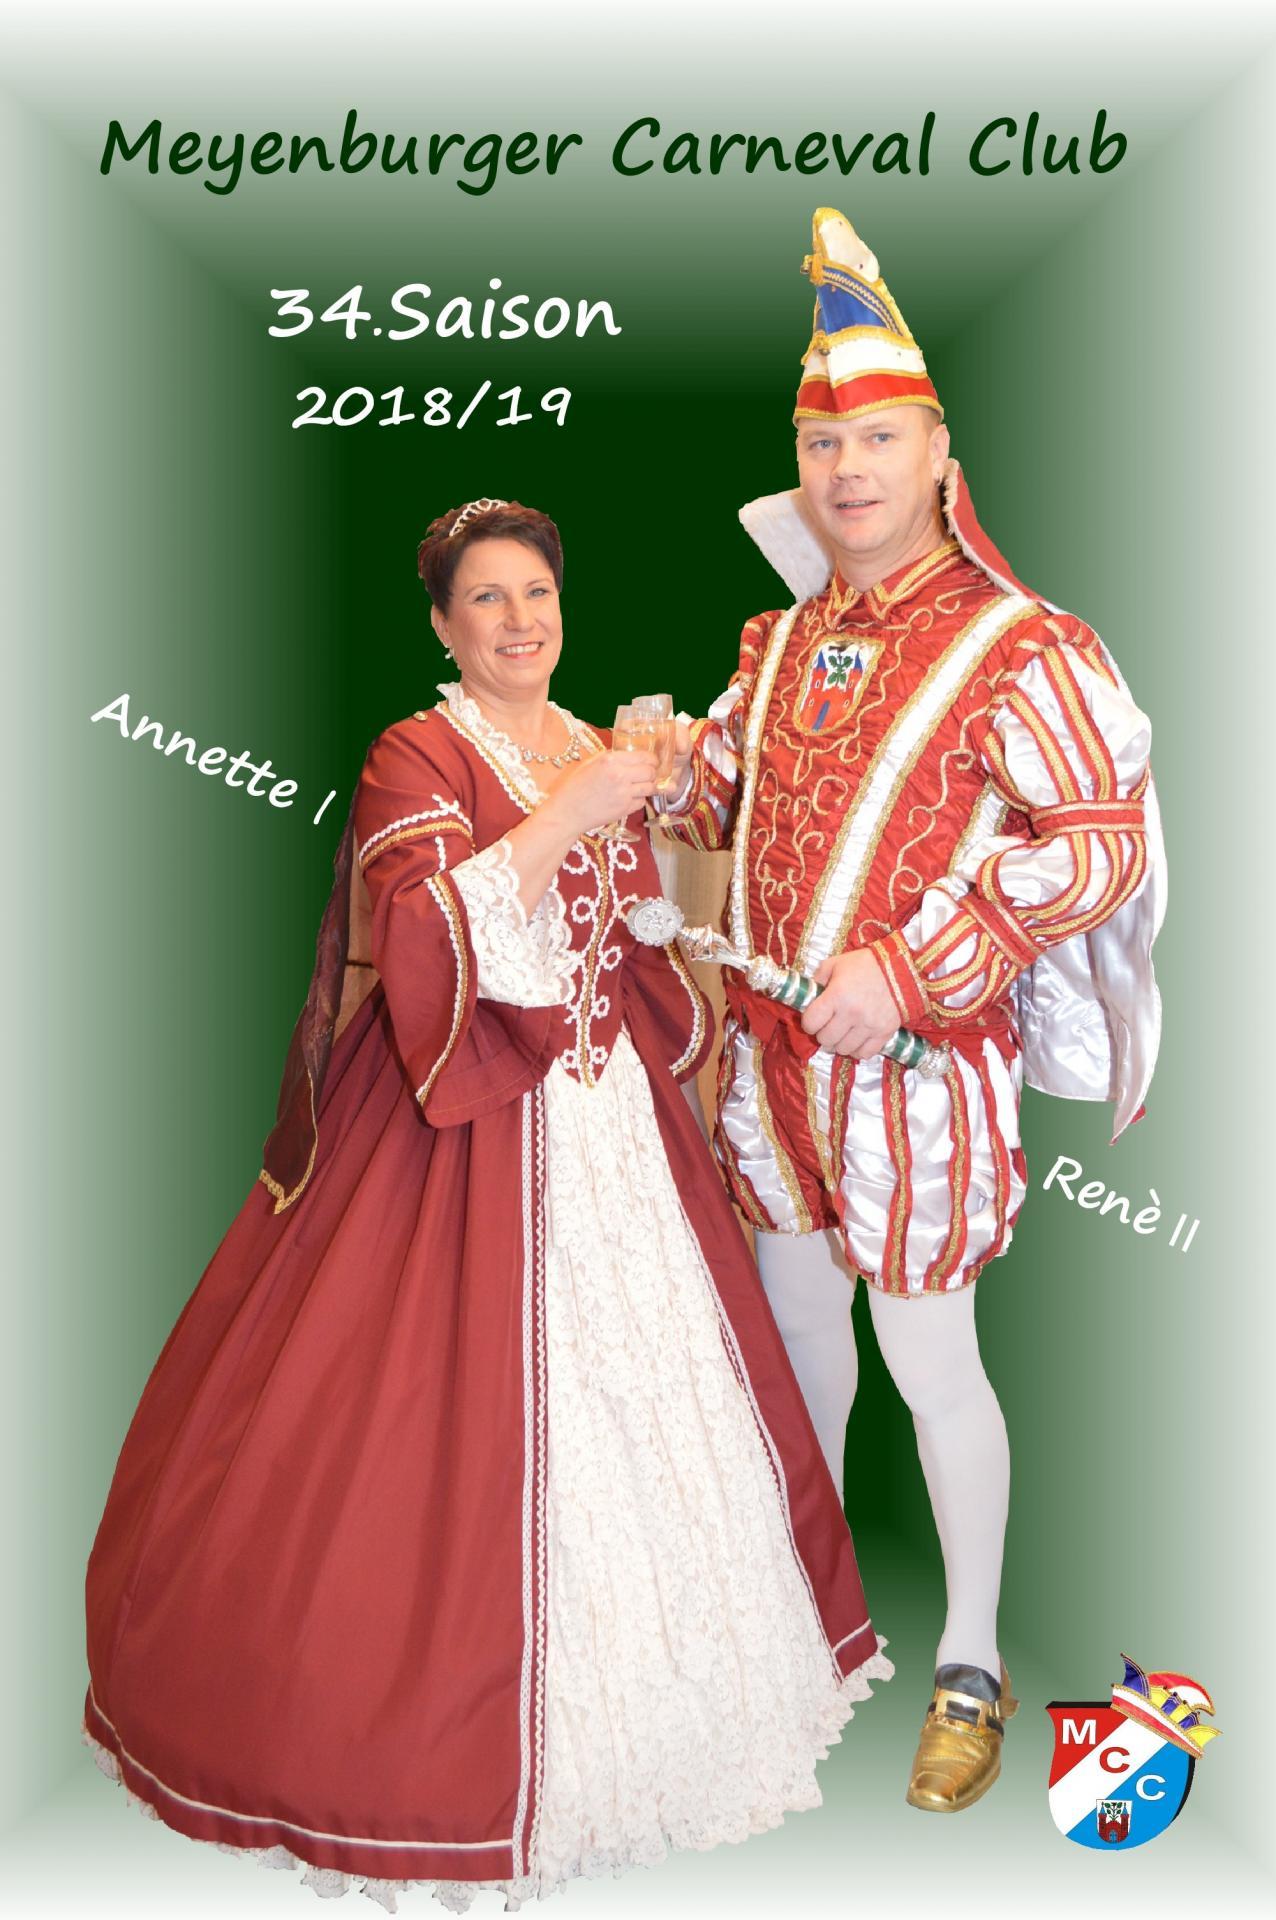 Annette I & Renè II